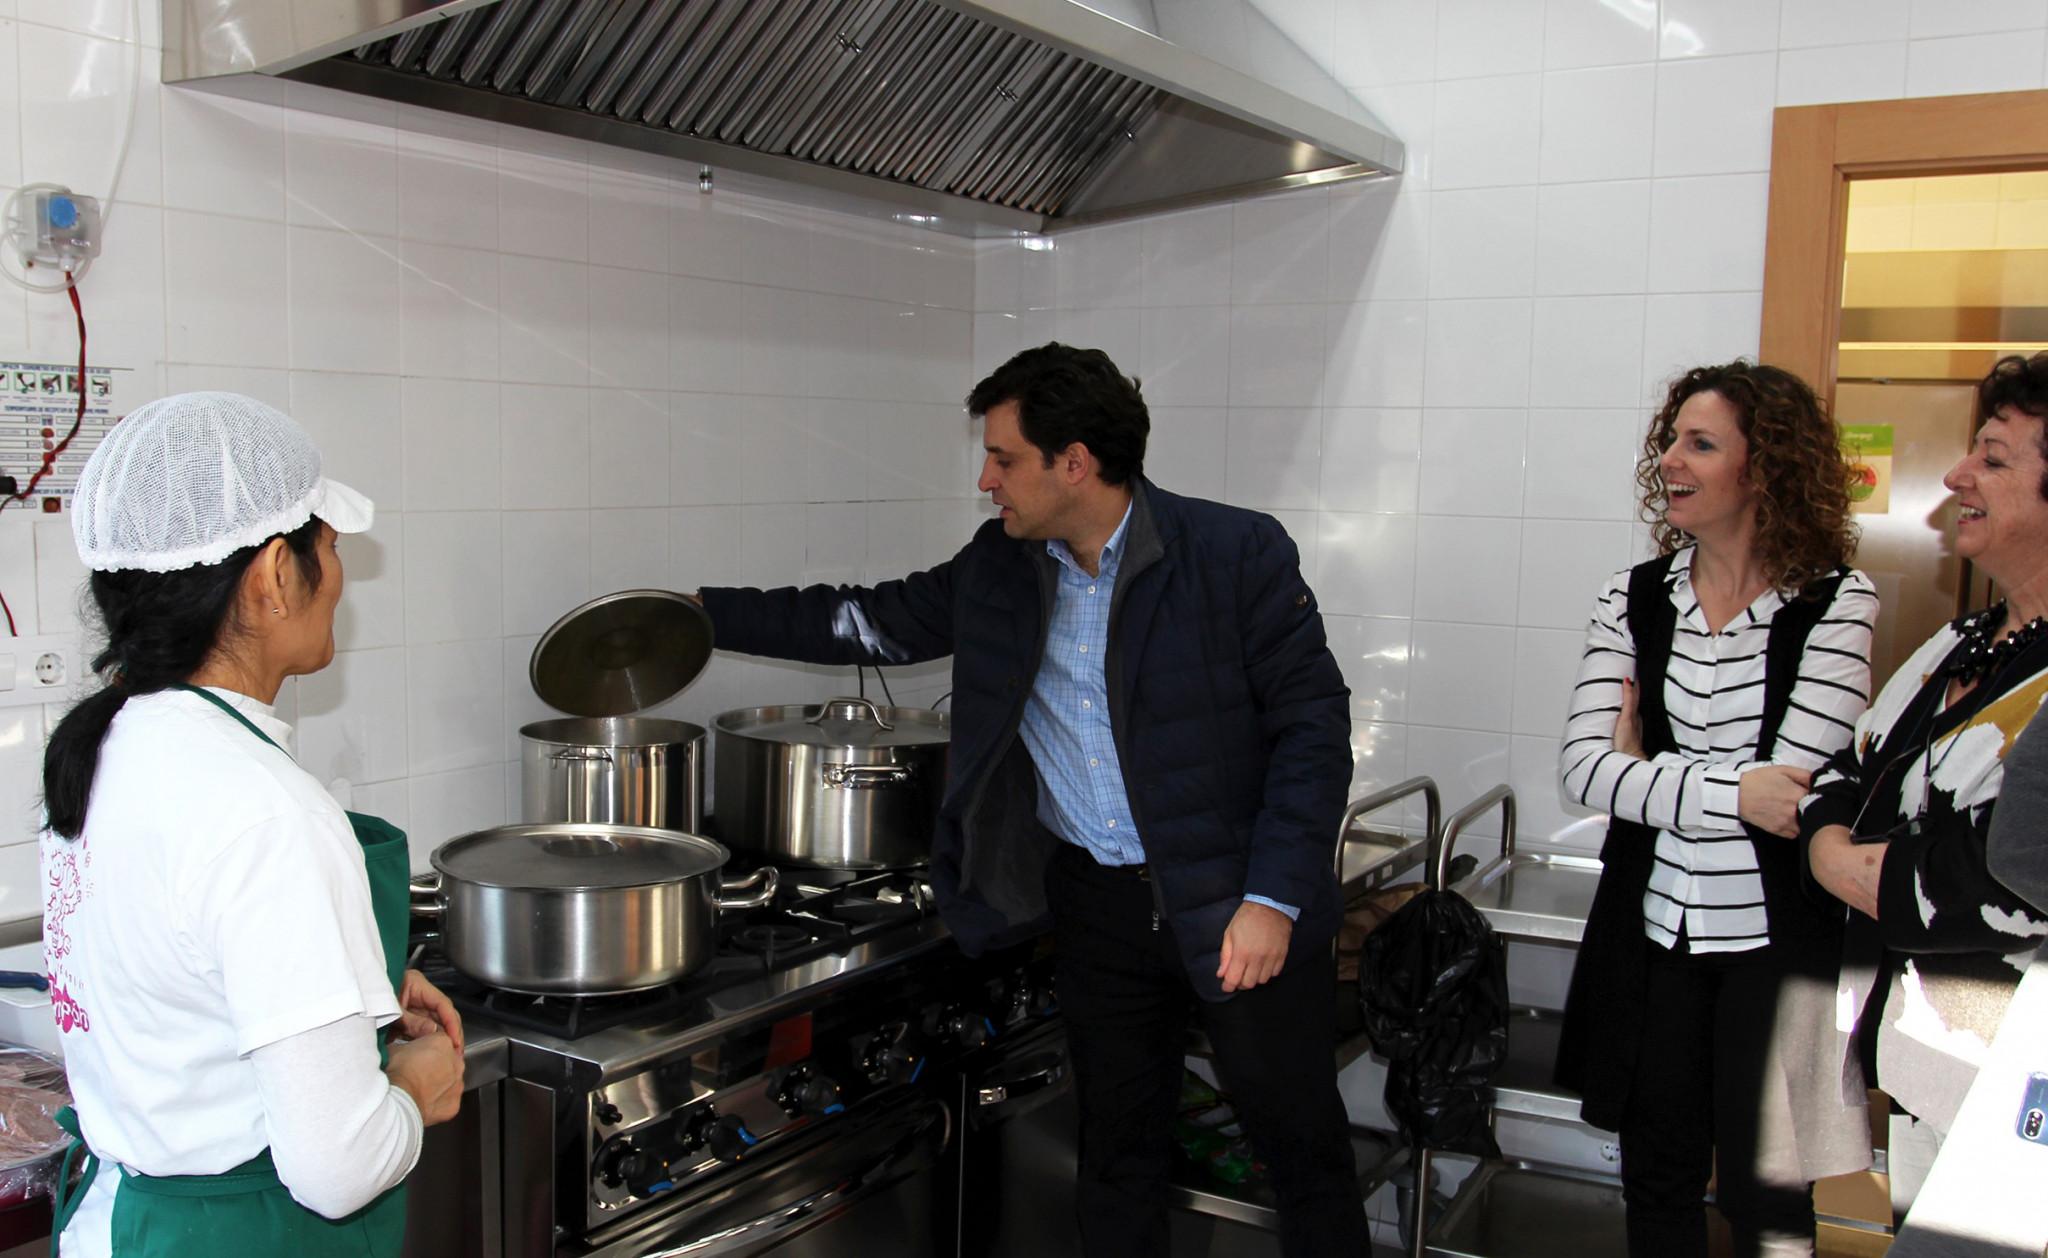 La Escuela Infantil Don Pimpón, en Galapagar, estrena cocina propia ...